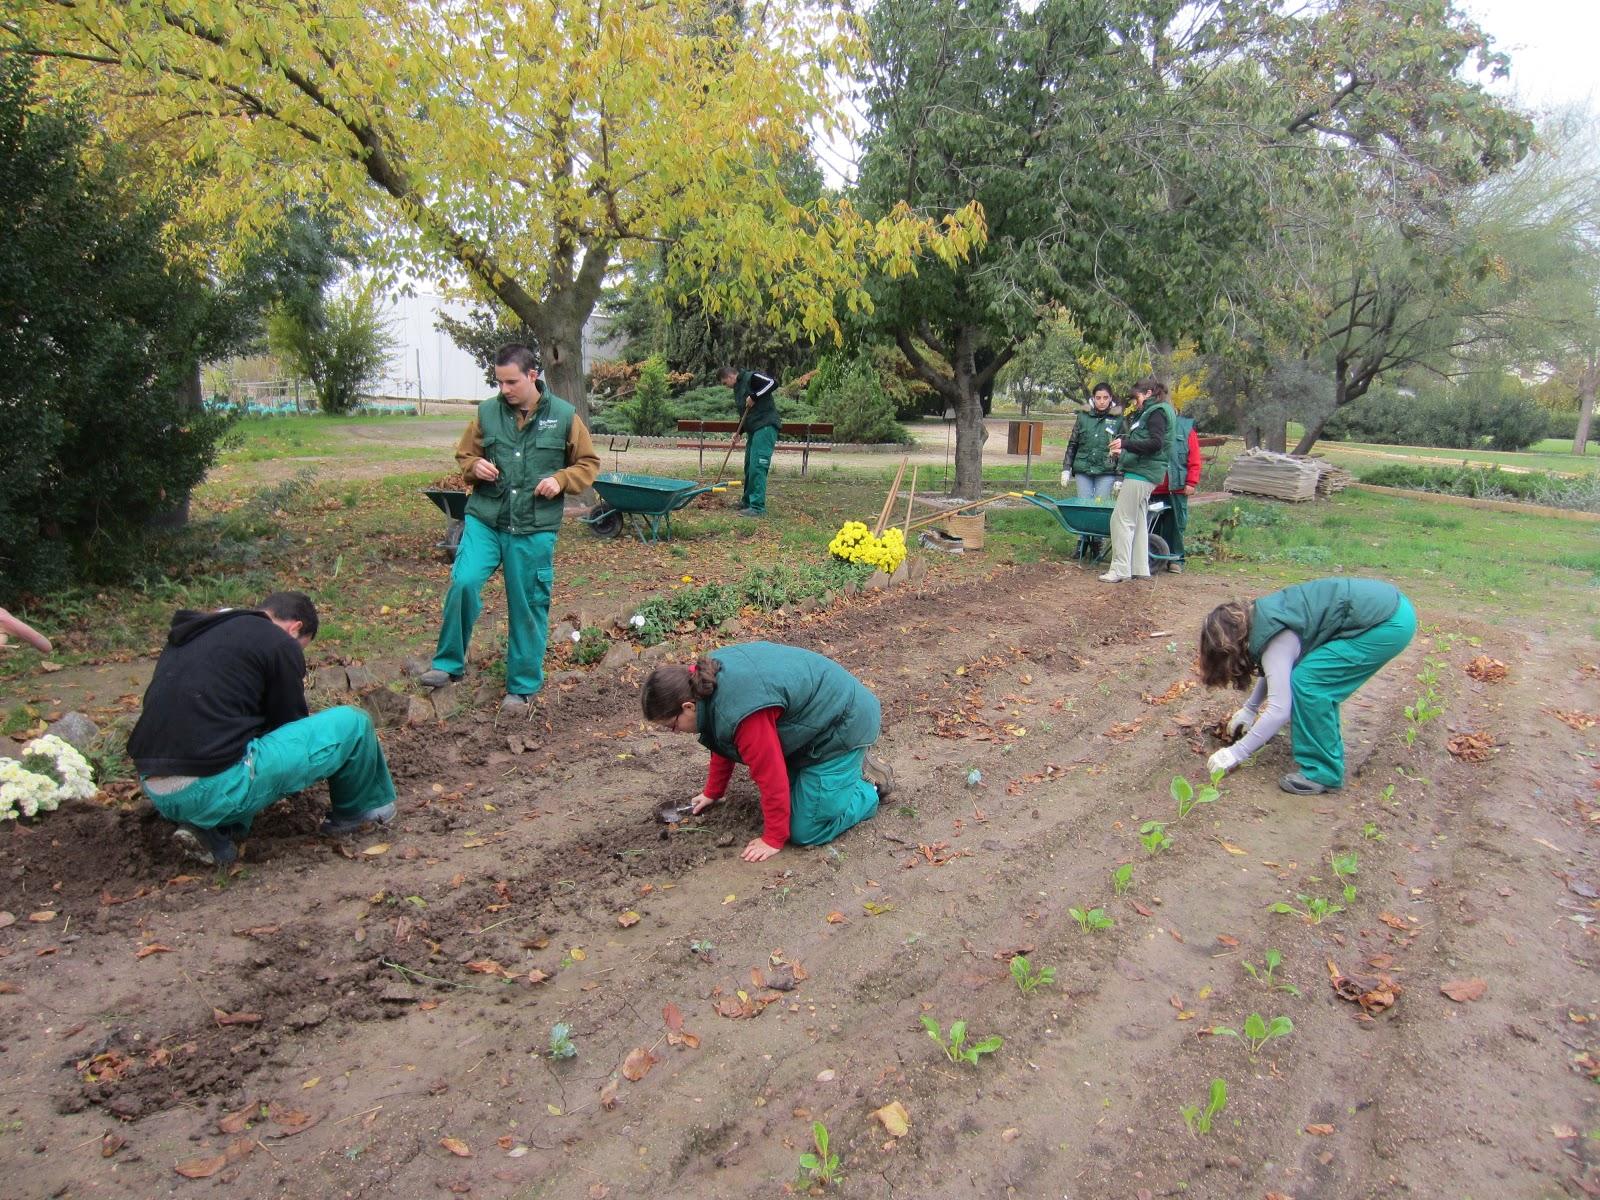 Escuela municipal de jardiner a el pinar el huerto en for Escuela de jardineria